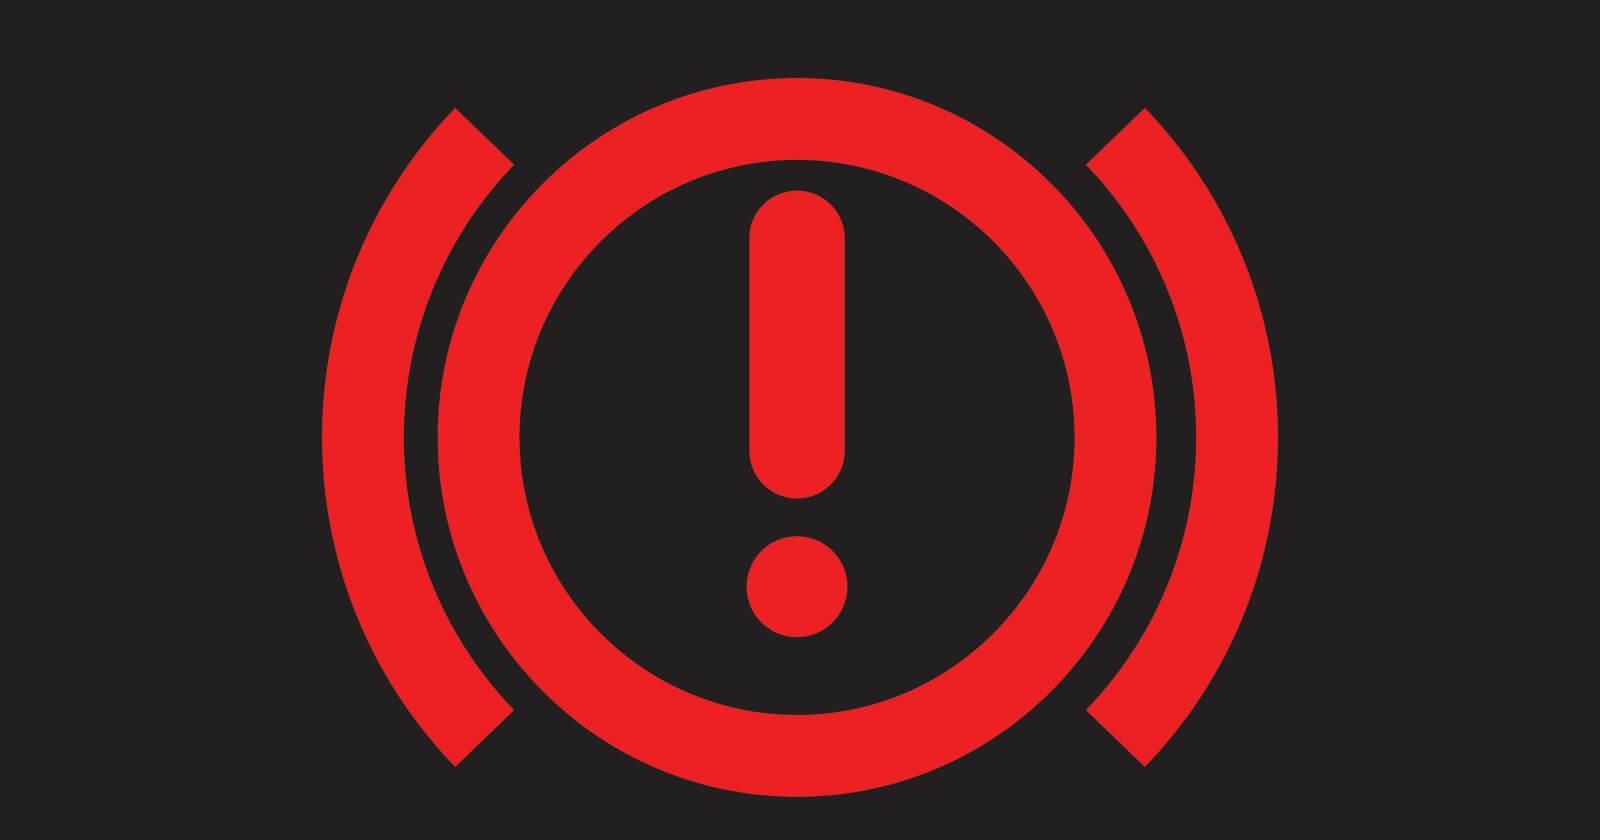 Brake System Warning